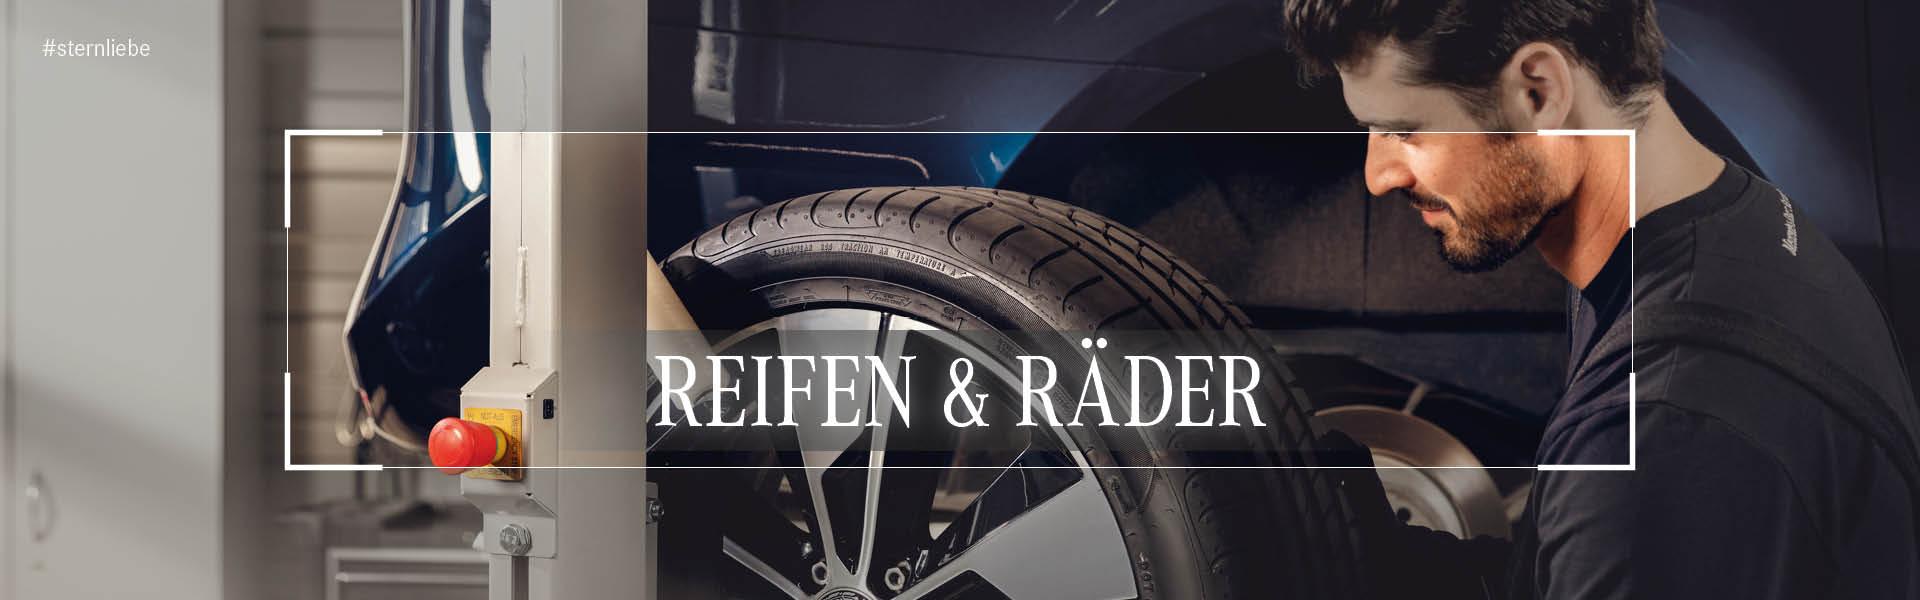 Mercedes-Benz-Mercedes-Brinkmann-Reifenservice-Reifeneinlagerung-Reifenschutz-Reifenwechsel-Räderwechsel-Header-Startseite